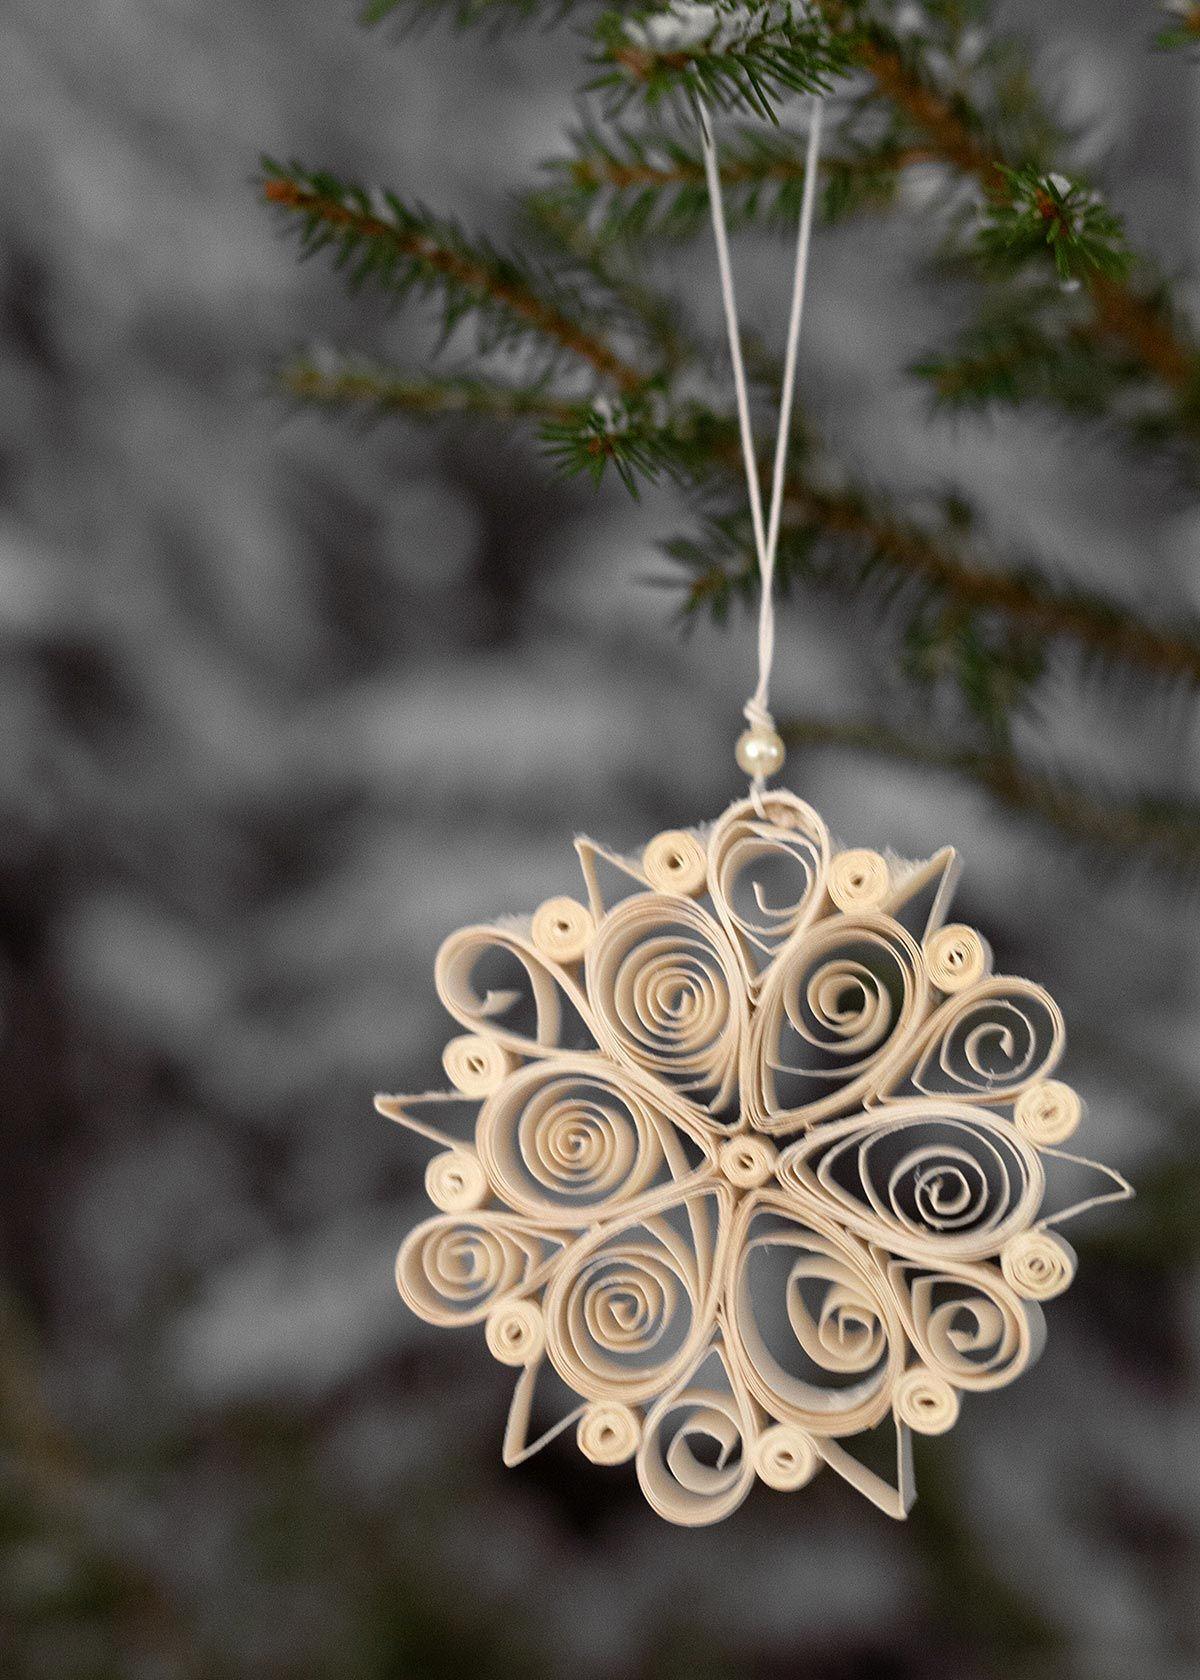 weihnachtwalddeko winterwonderland - Wunderschön gemacht